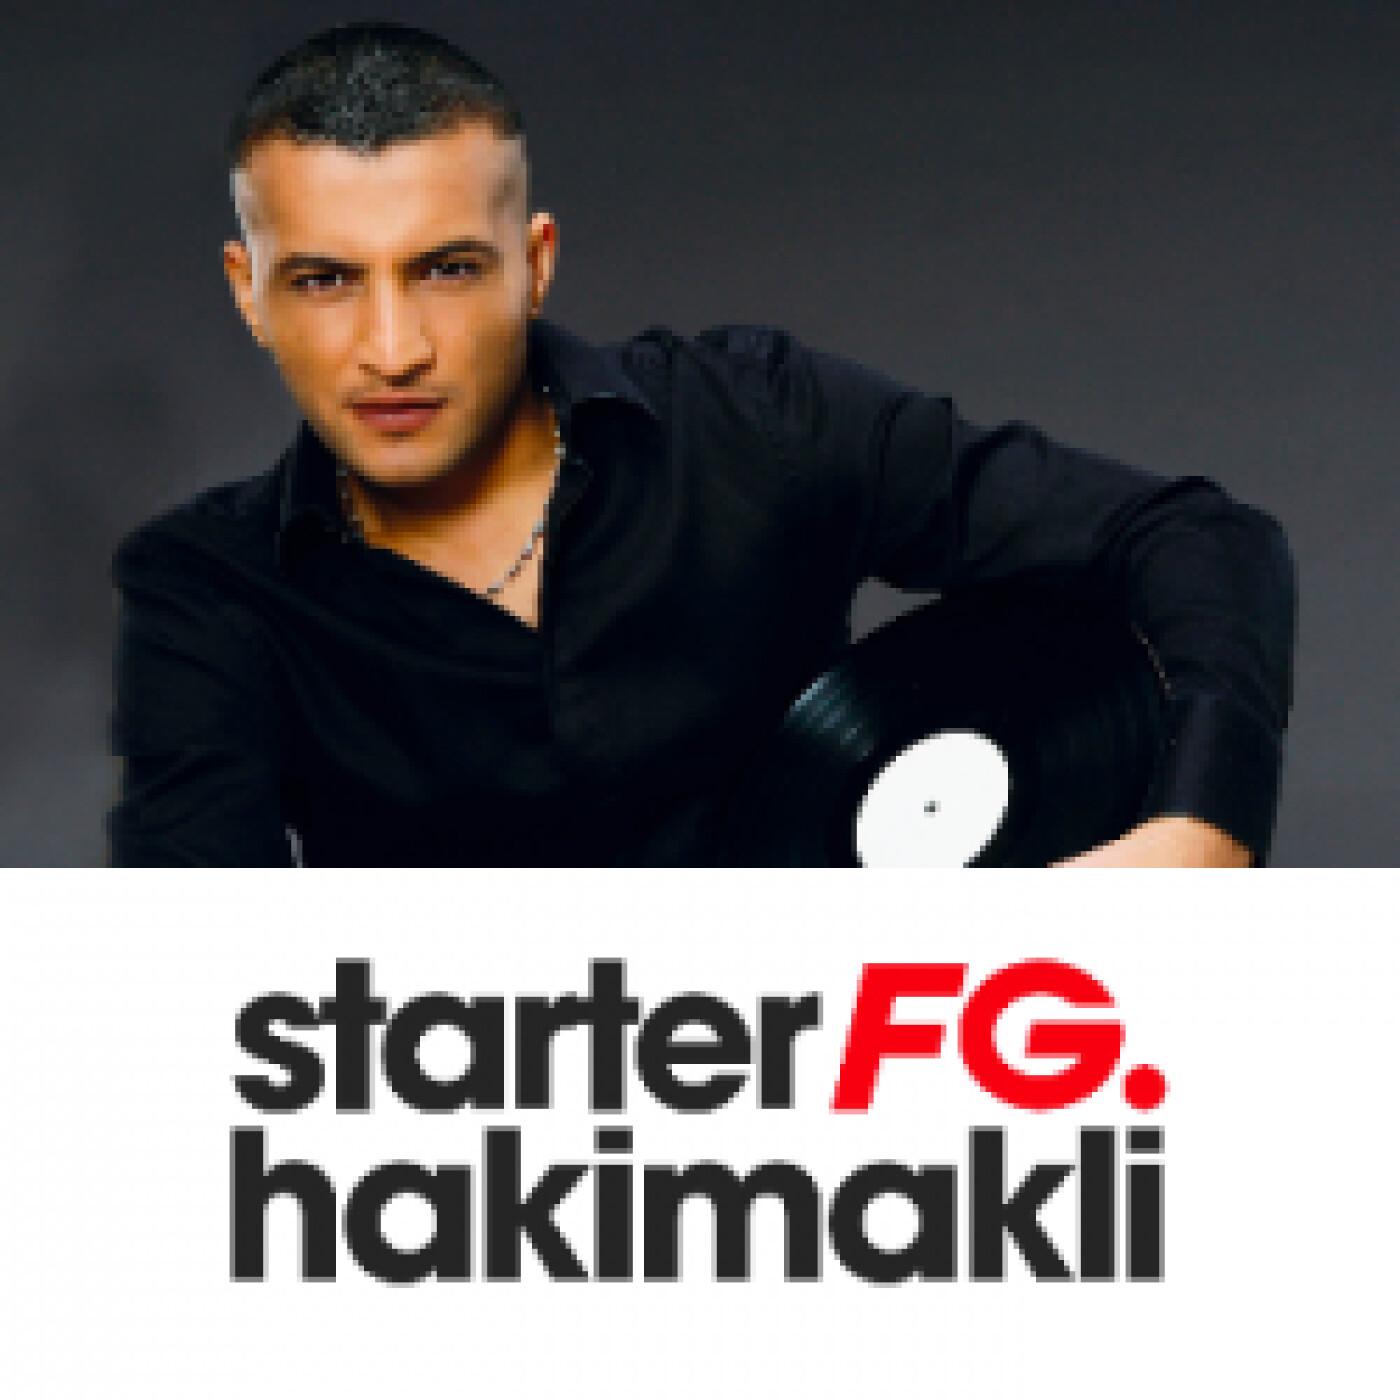 STARTER FG BY HAKIMAKLI LUNDI 12 AVRIL 2021